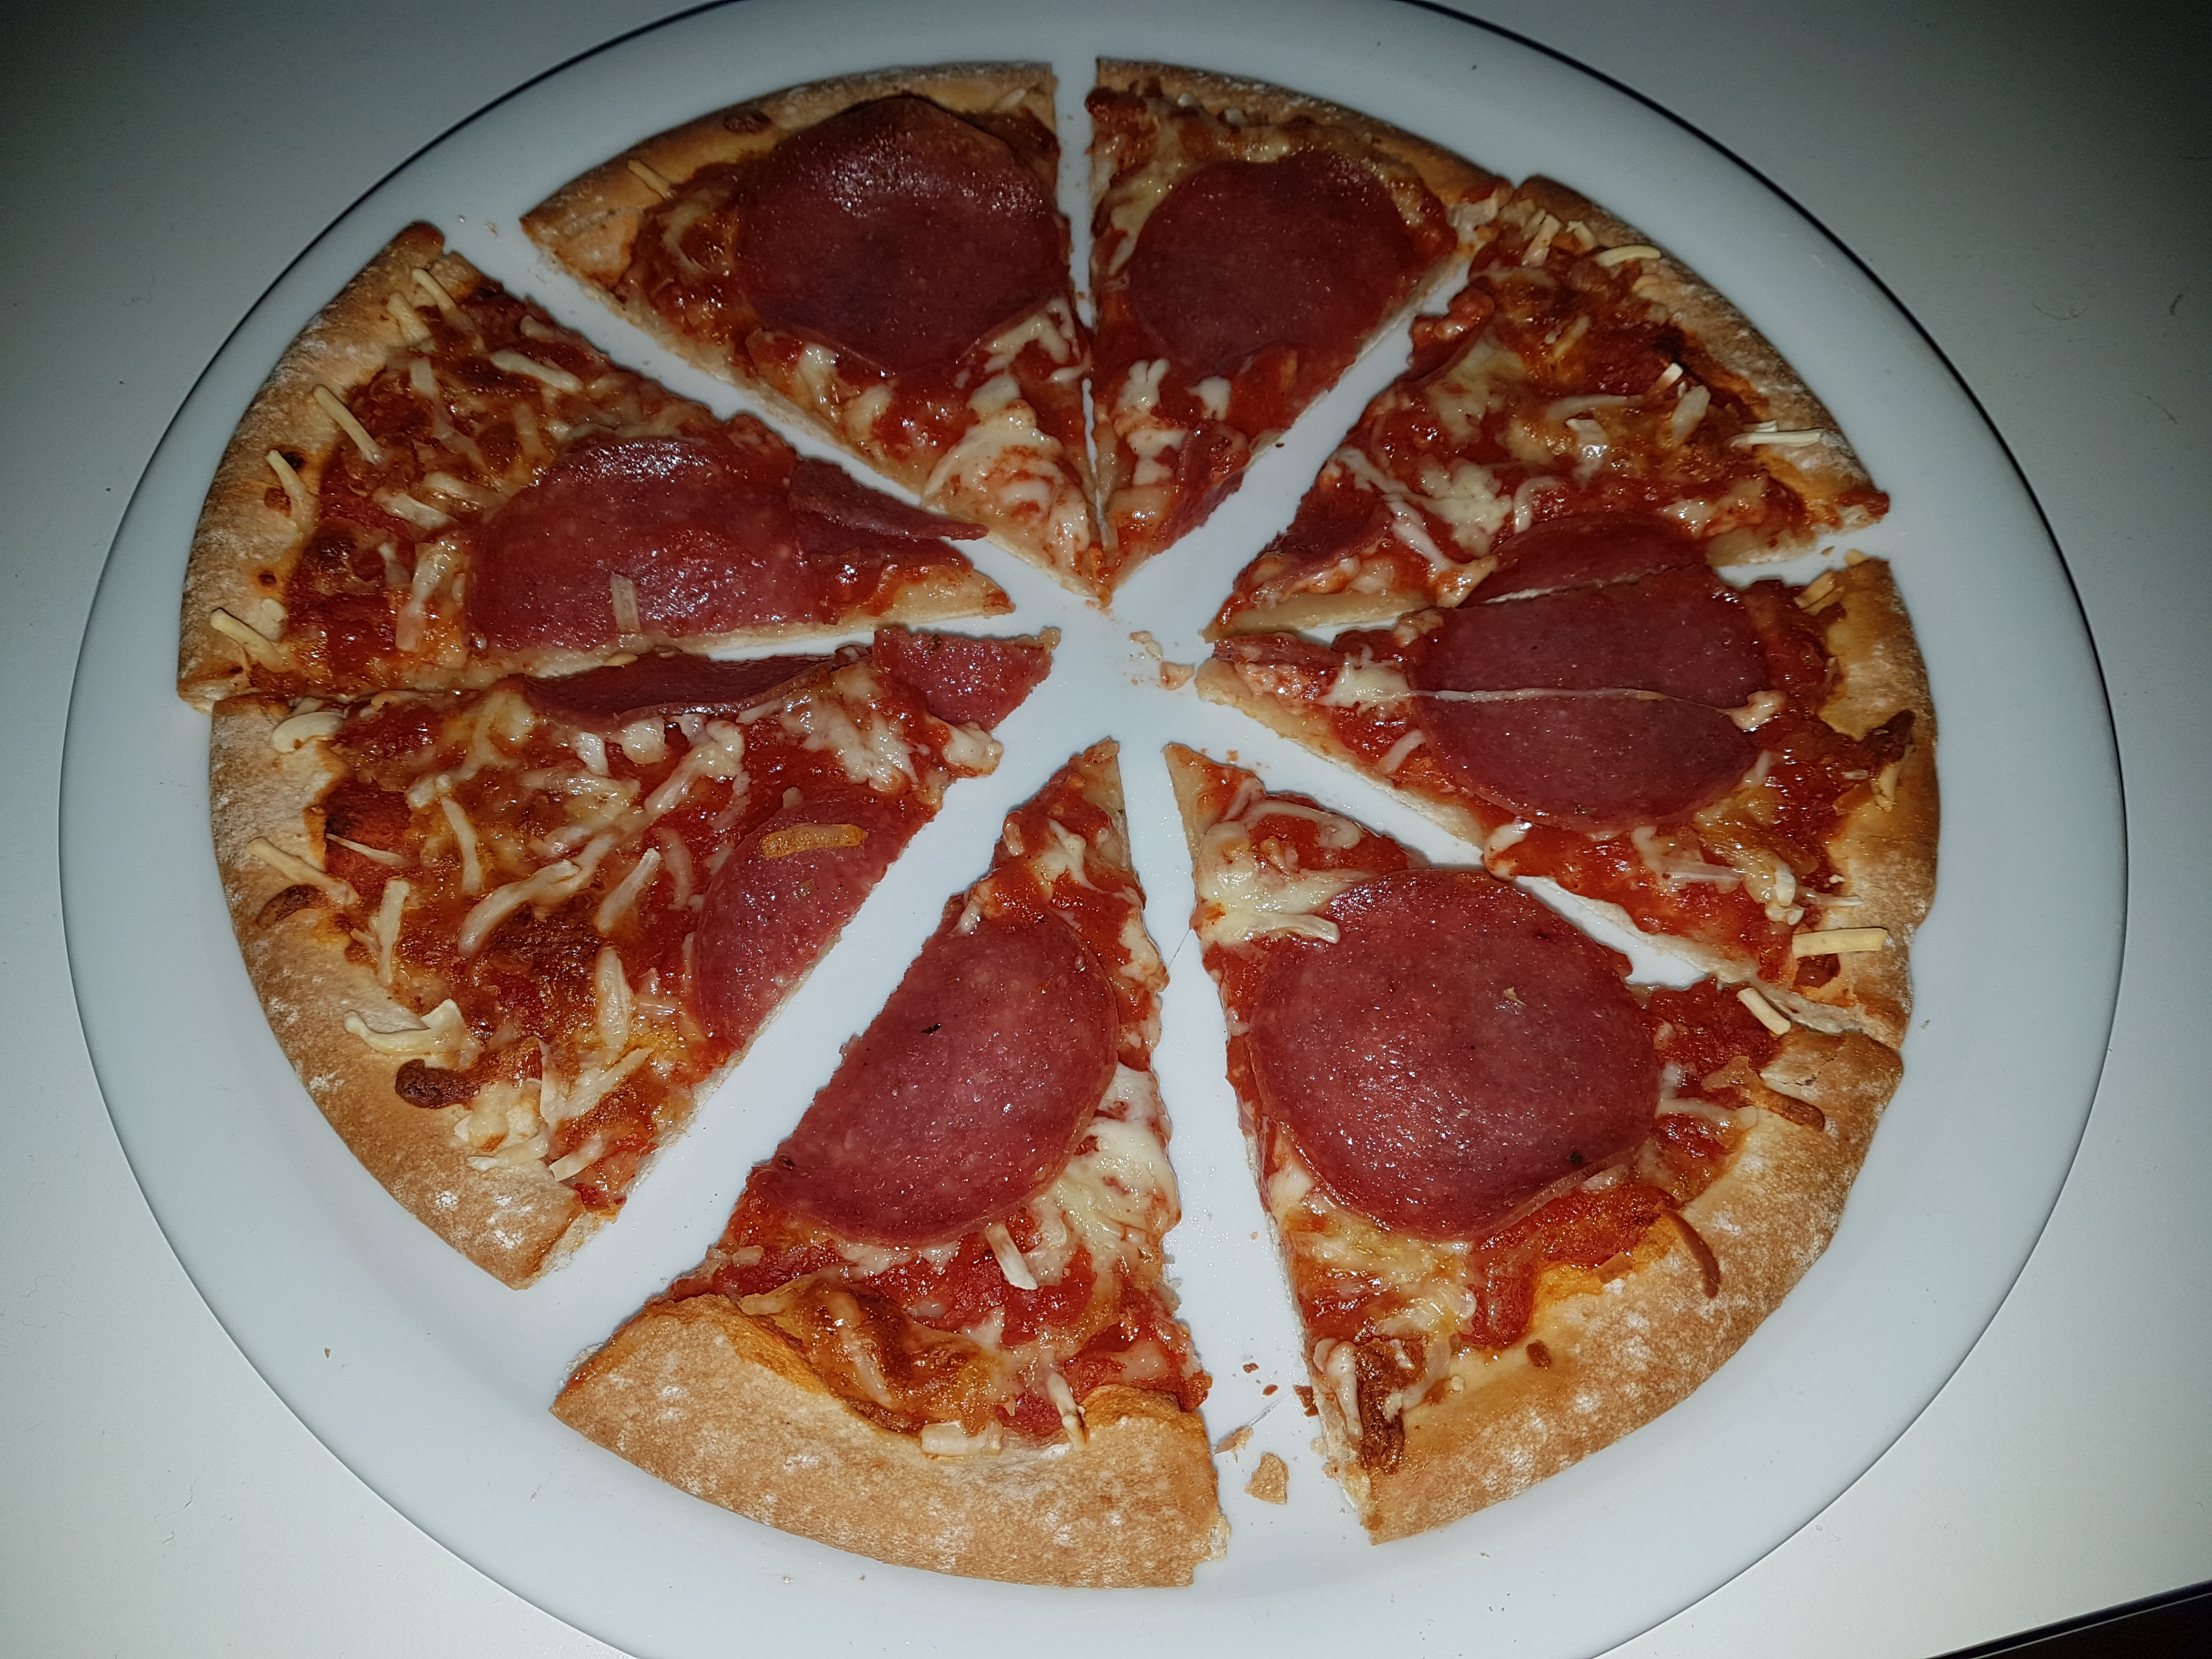 https://foodloader.net/Holz_2018-01-31_Pizza.jpg